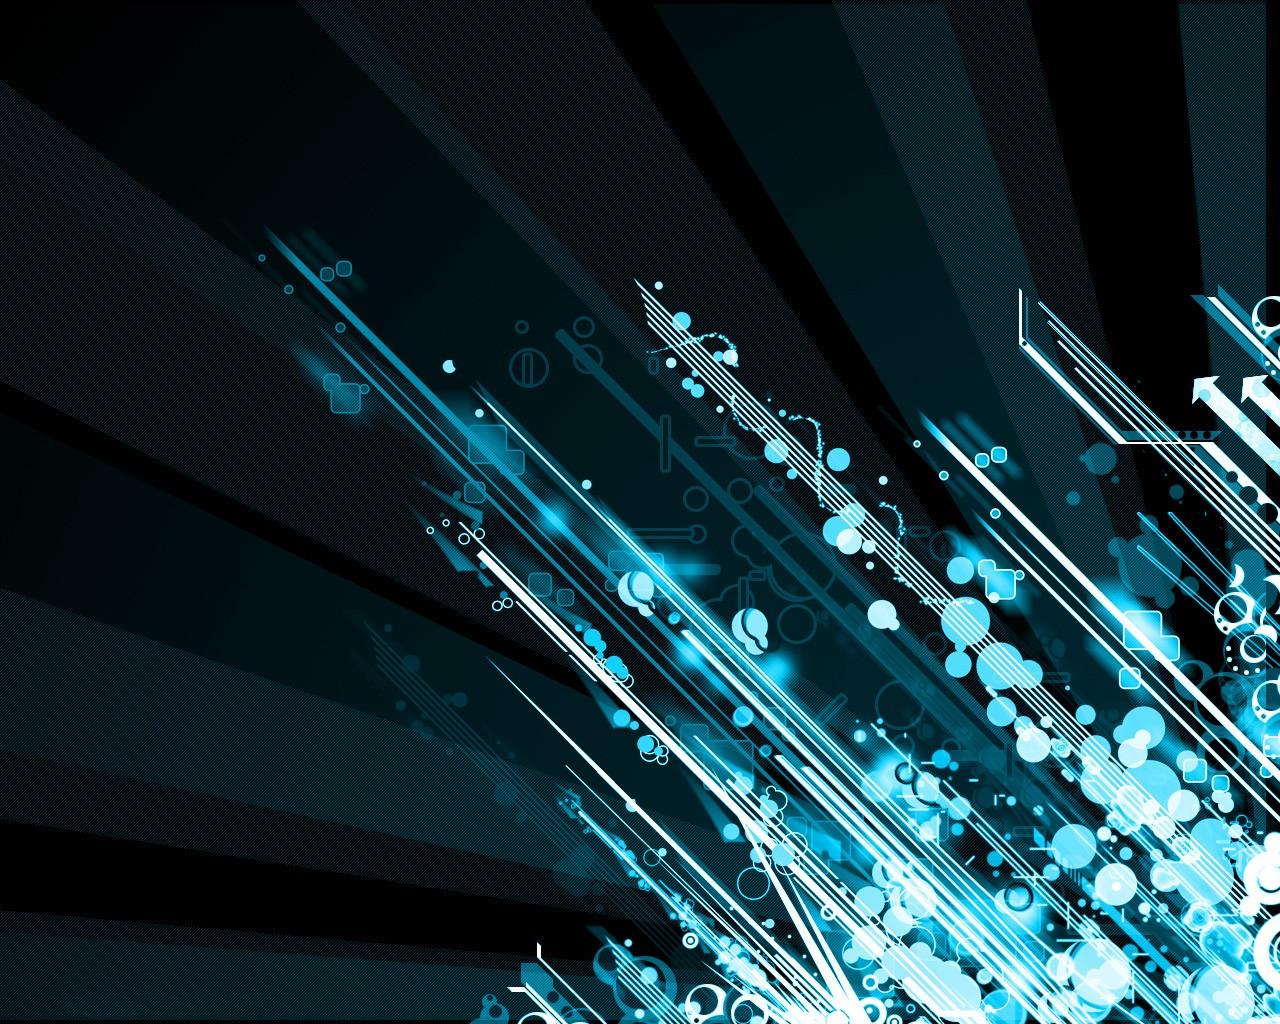 デスクトップ壁紙 抽象 空 青 グラフィックデザイン 技術 ライン スクリーンショット グラフィックス 1280x1024ピクセル コンピュータの壁紙 フォント 1280x1024 Coolwallpapers 7915 デスクトップ壁紙 Wallhere